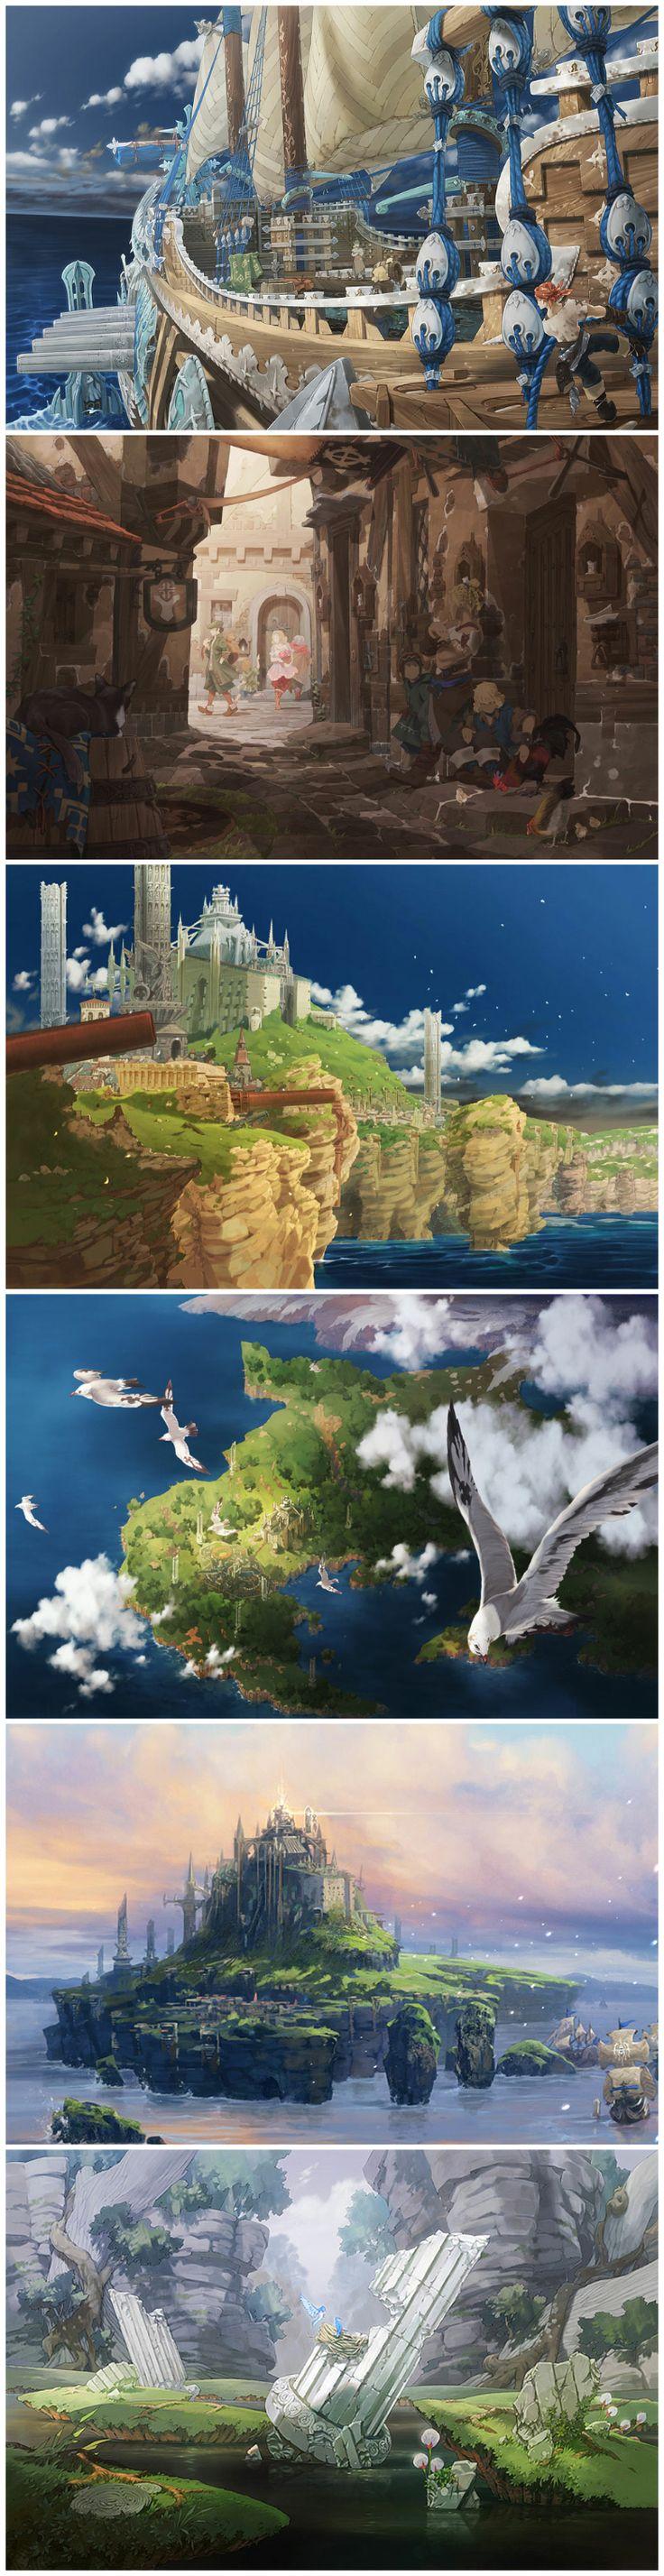 The Last Story — Concept art by Kimihiko Fujisaka